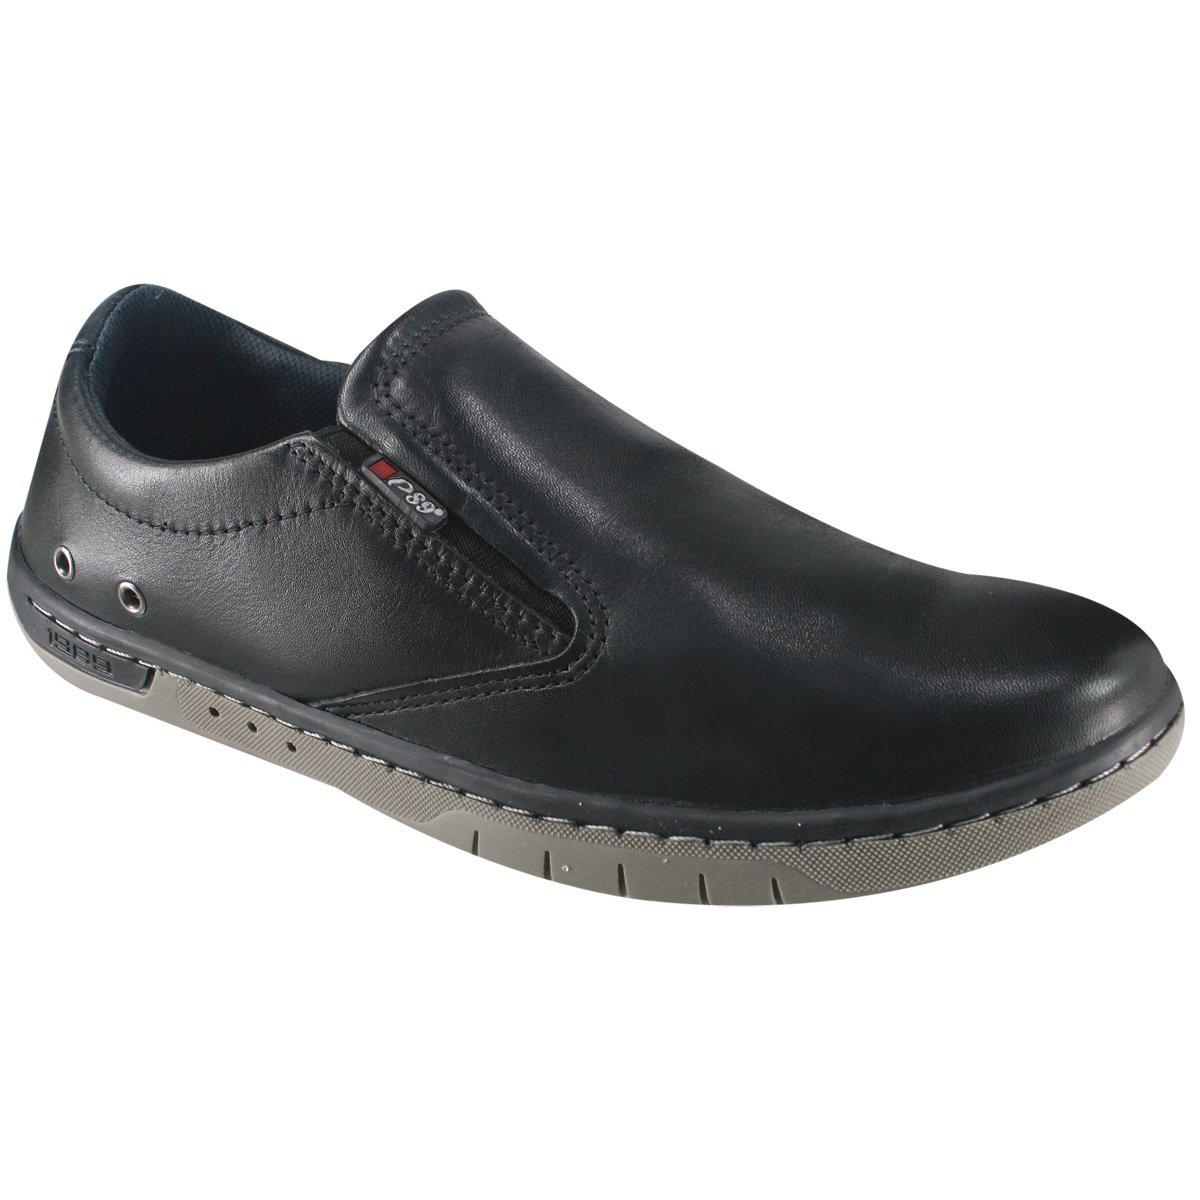 76ff0b628 Sapatênis Masculino Pegada 117456-02 - Preto (Napa Soft) - Calçados ...